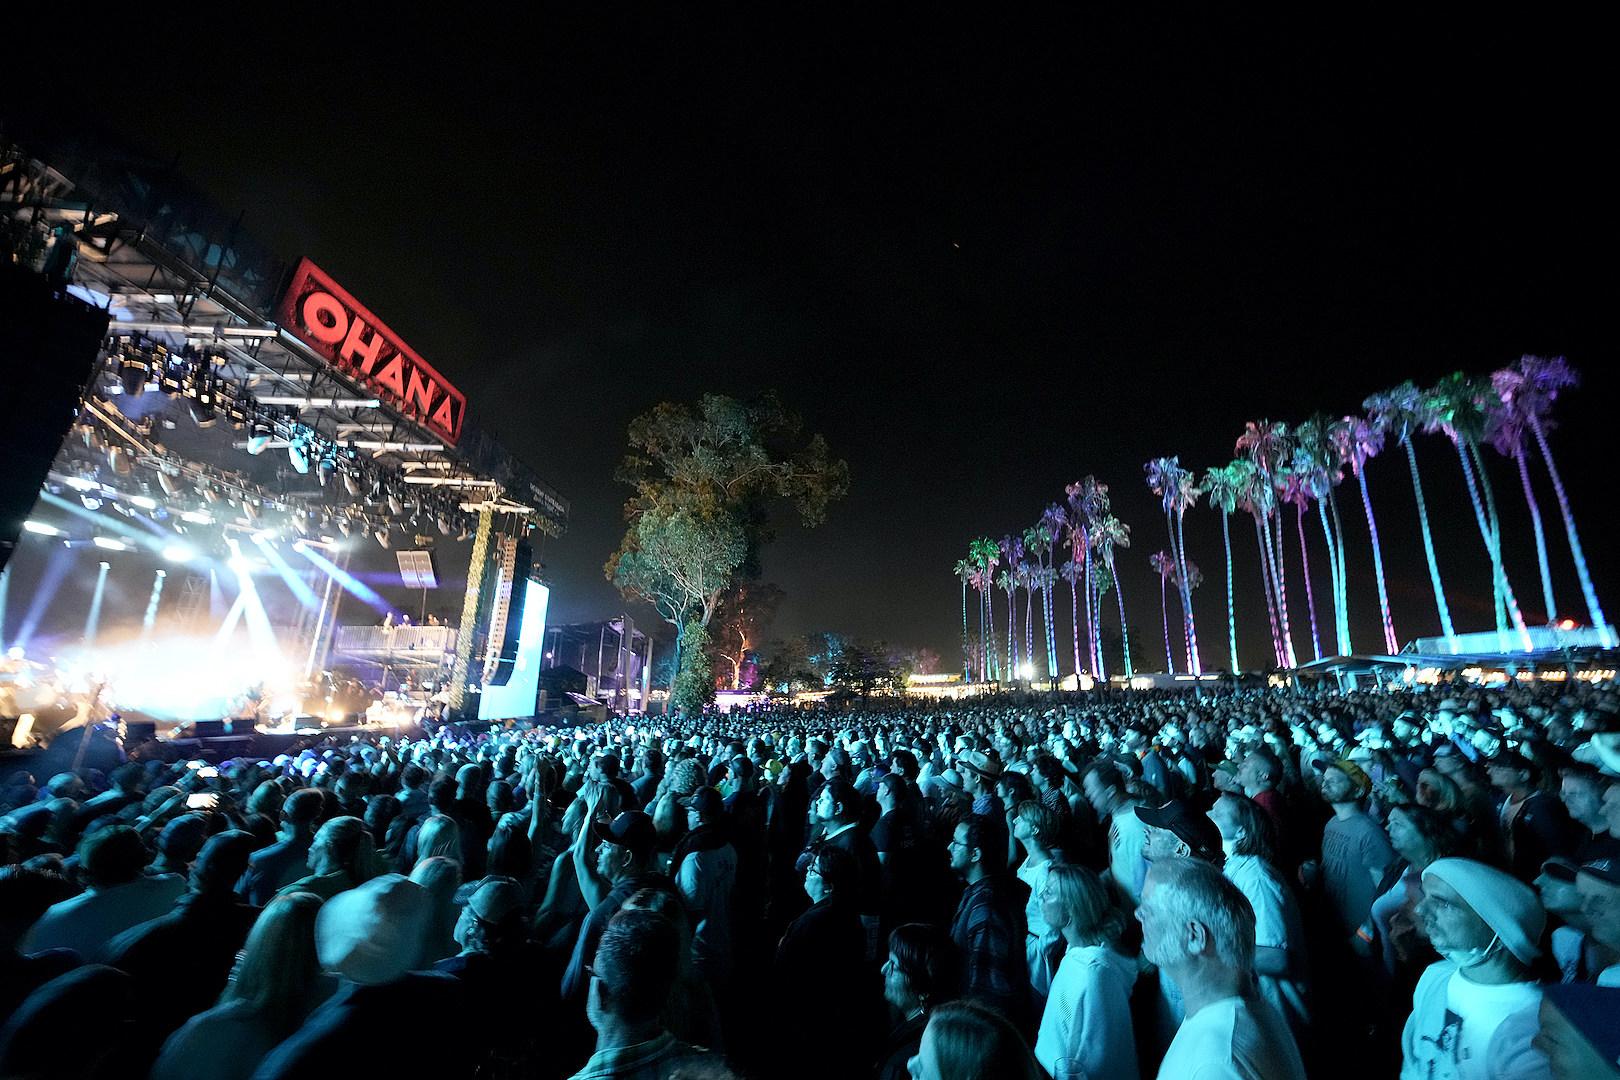 Ohana Fest Temporarily Shut Down Before All-Star Eddie Vedder Set